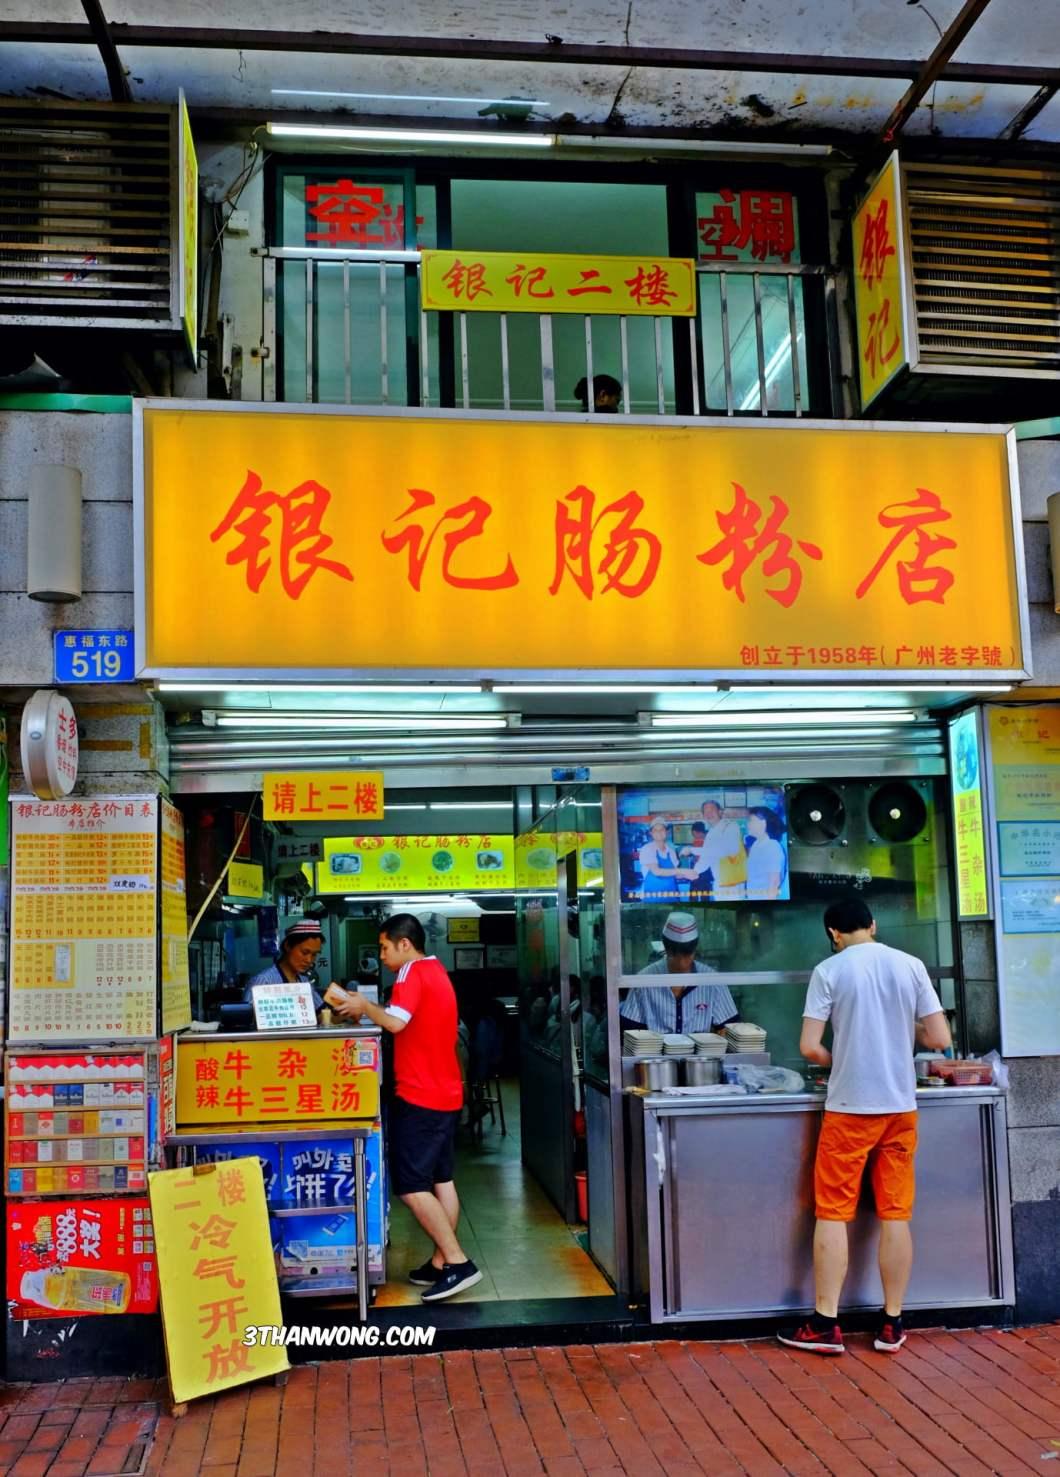 Guangzhou delicacies